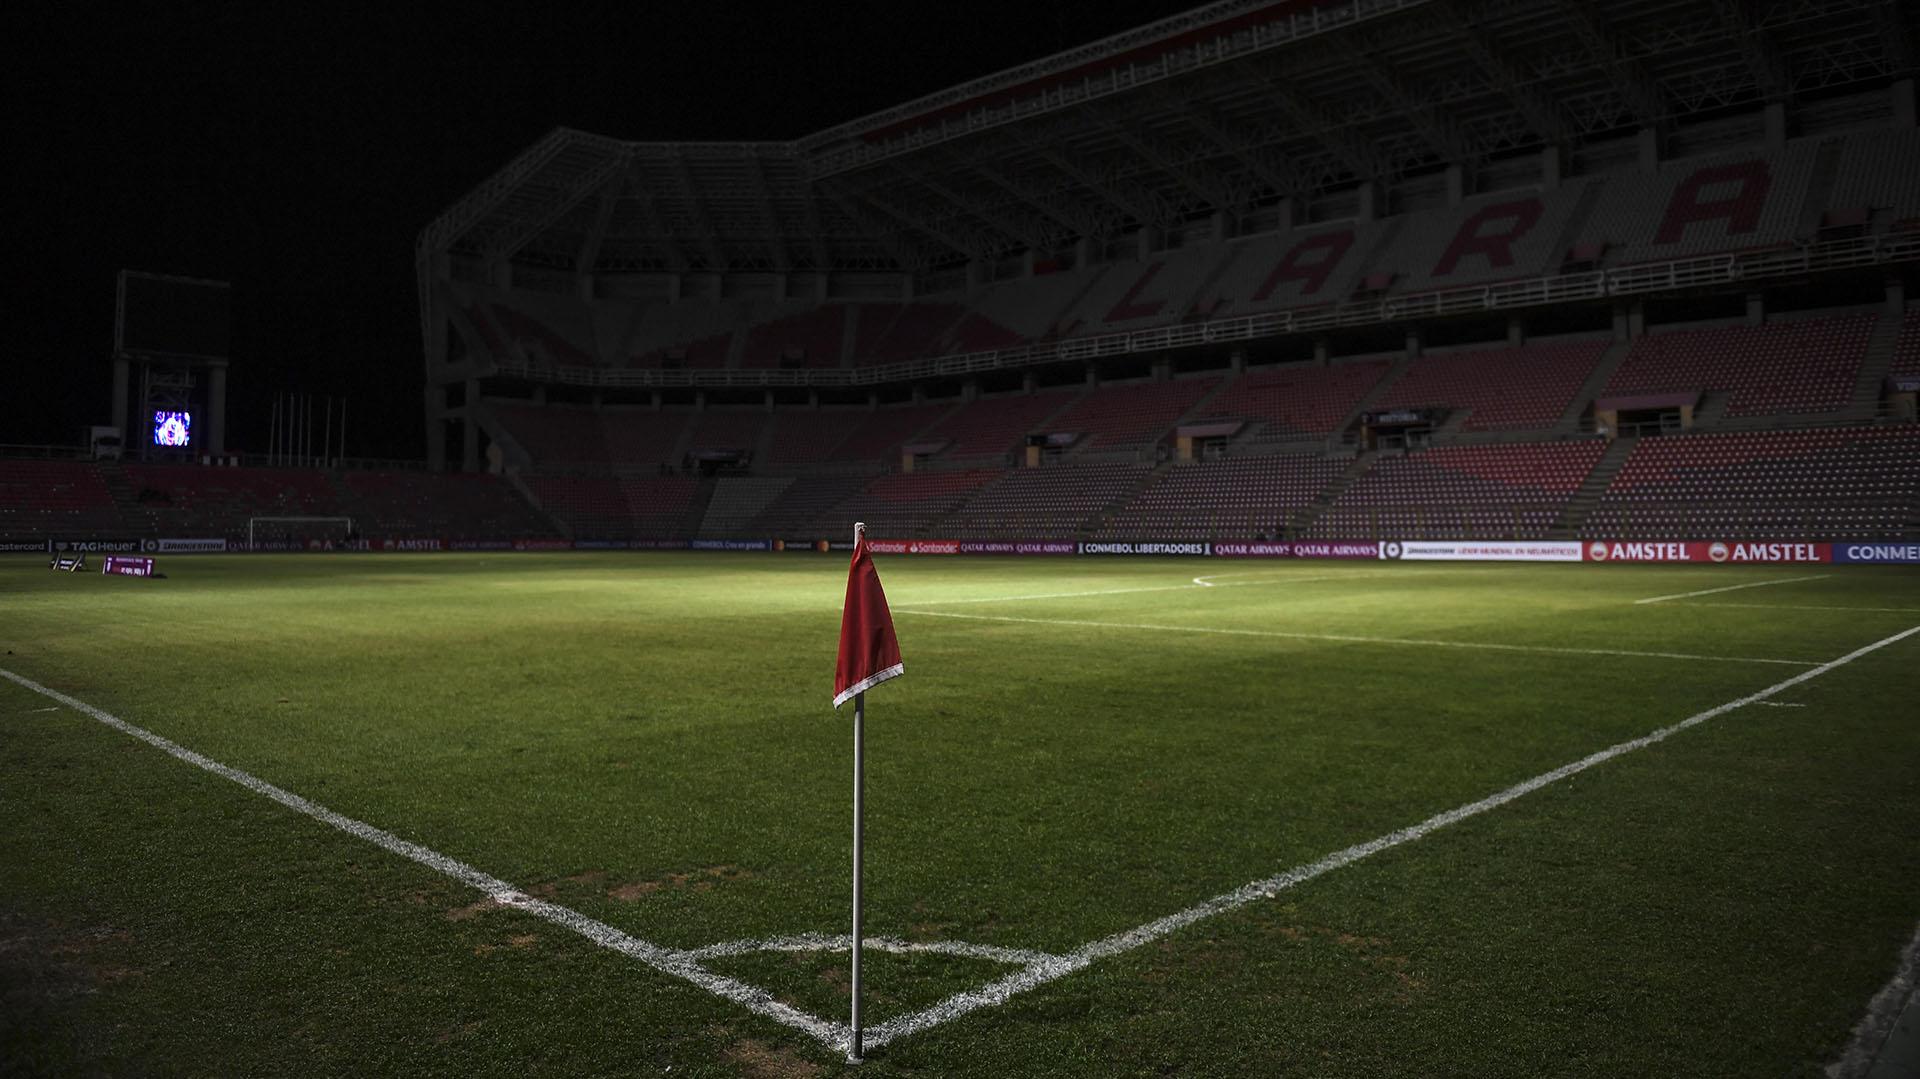 Fotografía tomada en el estadio Metropolitano antes de la suspensión del partido de la Copa Libertadores entre el Deportivo Lara de Venezuela y el Emelec de Ecuador, ya que en Barqusimeto, estado de Lara,también sufrió el corte de energía eléctrica.